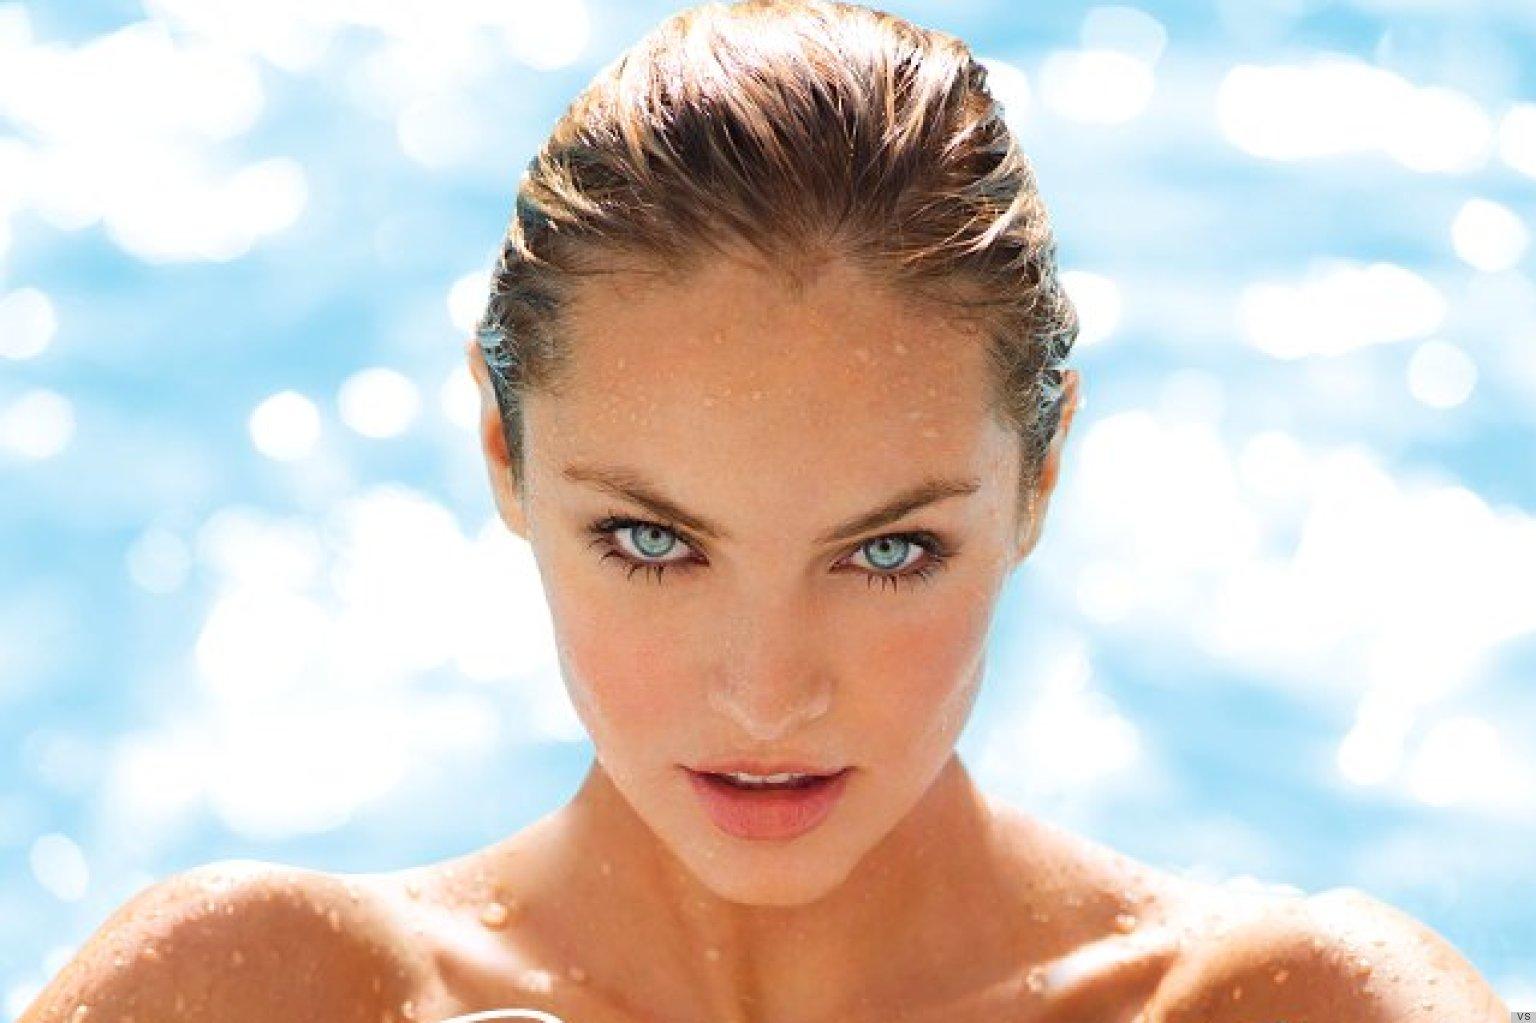 Victoria Secret Models Faces